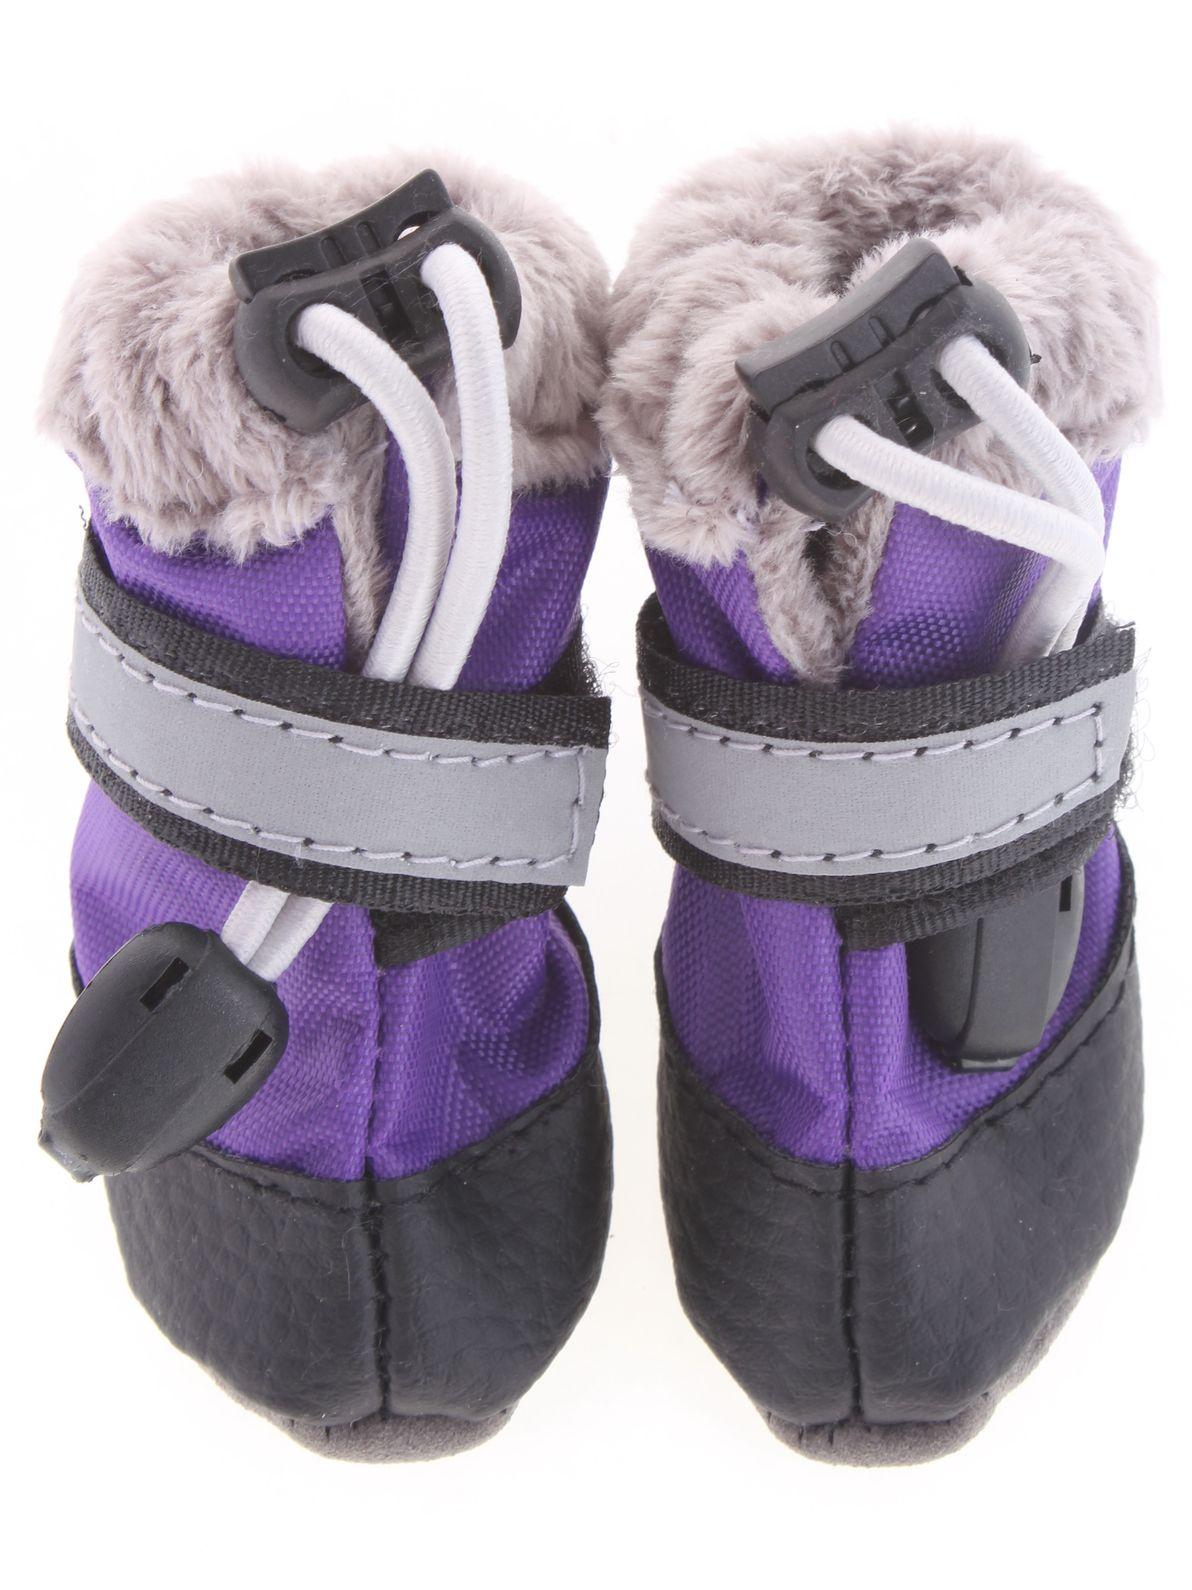 Обувь для животных ЗООМАНИЯ сапоги для собак7426936750100Пара обуви для собак, размер лапы (S) 6,5*4,5см., Высота - 10см.